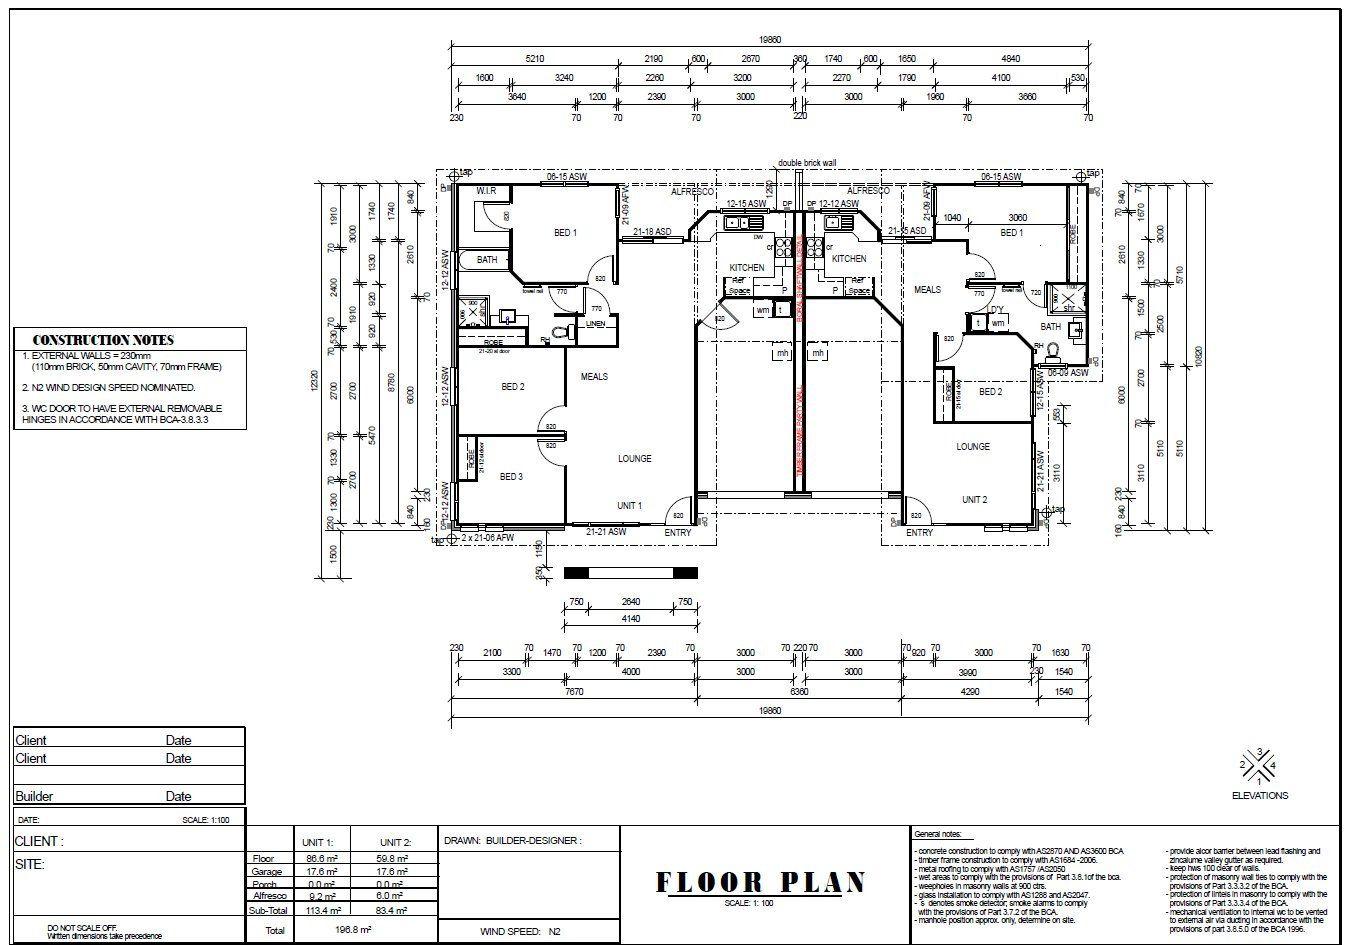 House Plans 2115 Sq Ft 196 M2 5 Bedrooms Duplex Design Etsy Duplex Design House Plans House Plans For Sale